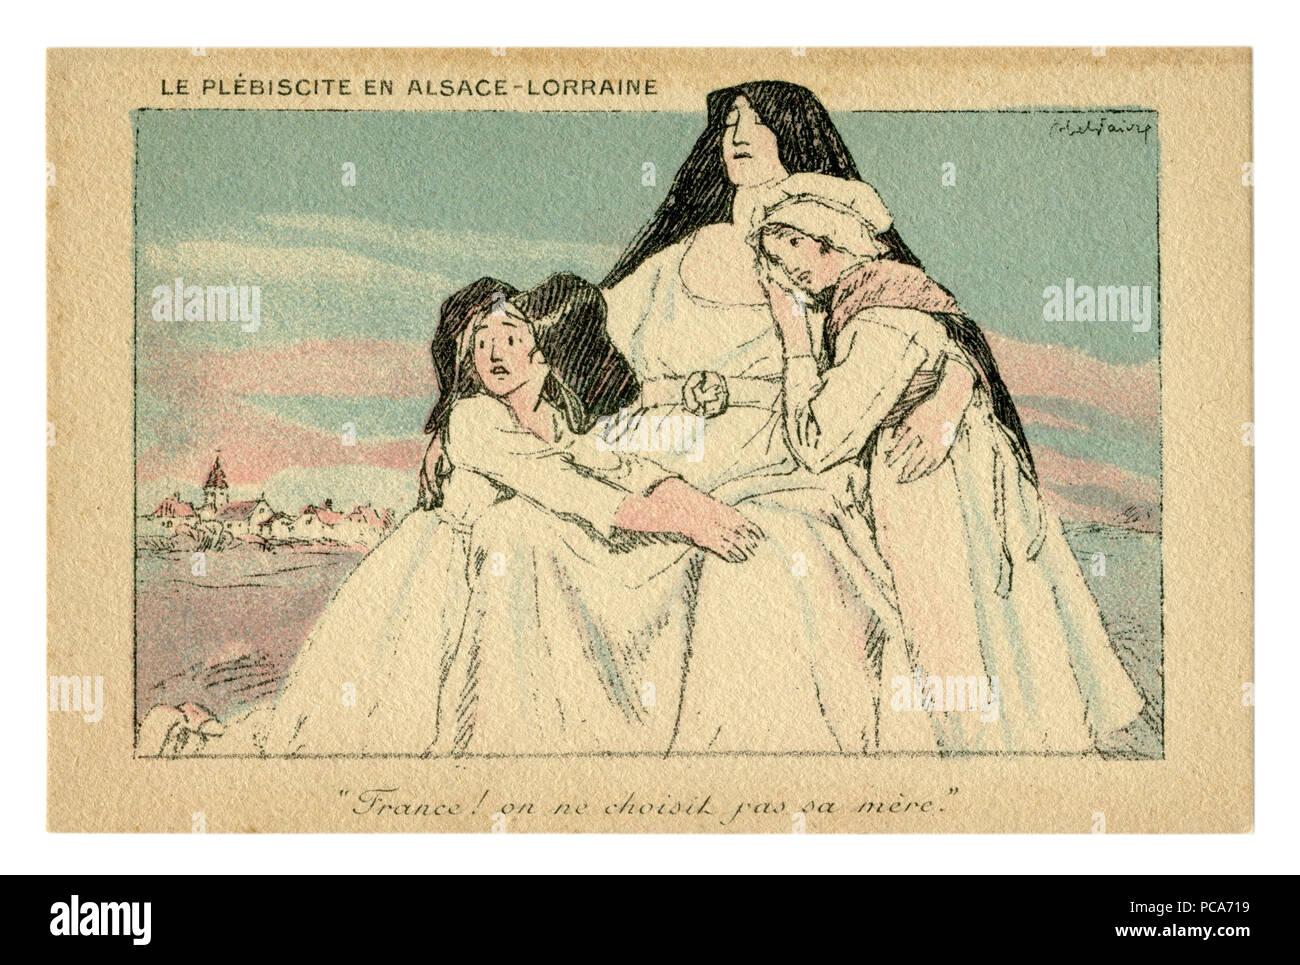 Französisch Historische Postkarte: Frankreich befreit das Elsass und Lothringen. Allegorie. Töchter im Arm der Mutter. Sieg! Symbolik. Erster Weltkrieg 1914-1918. Stockbild